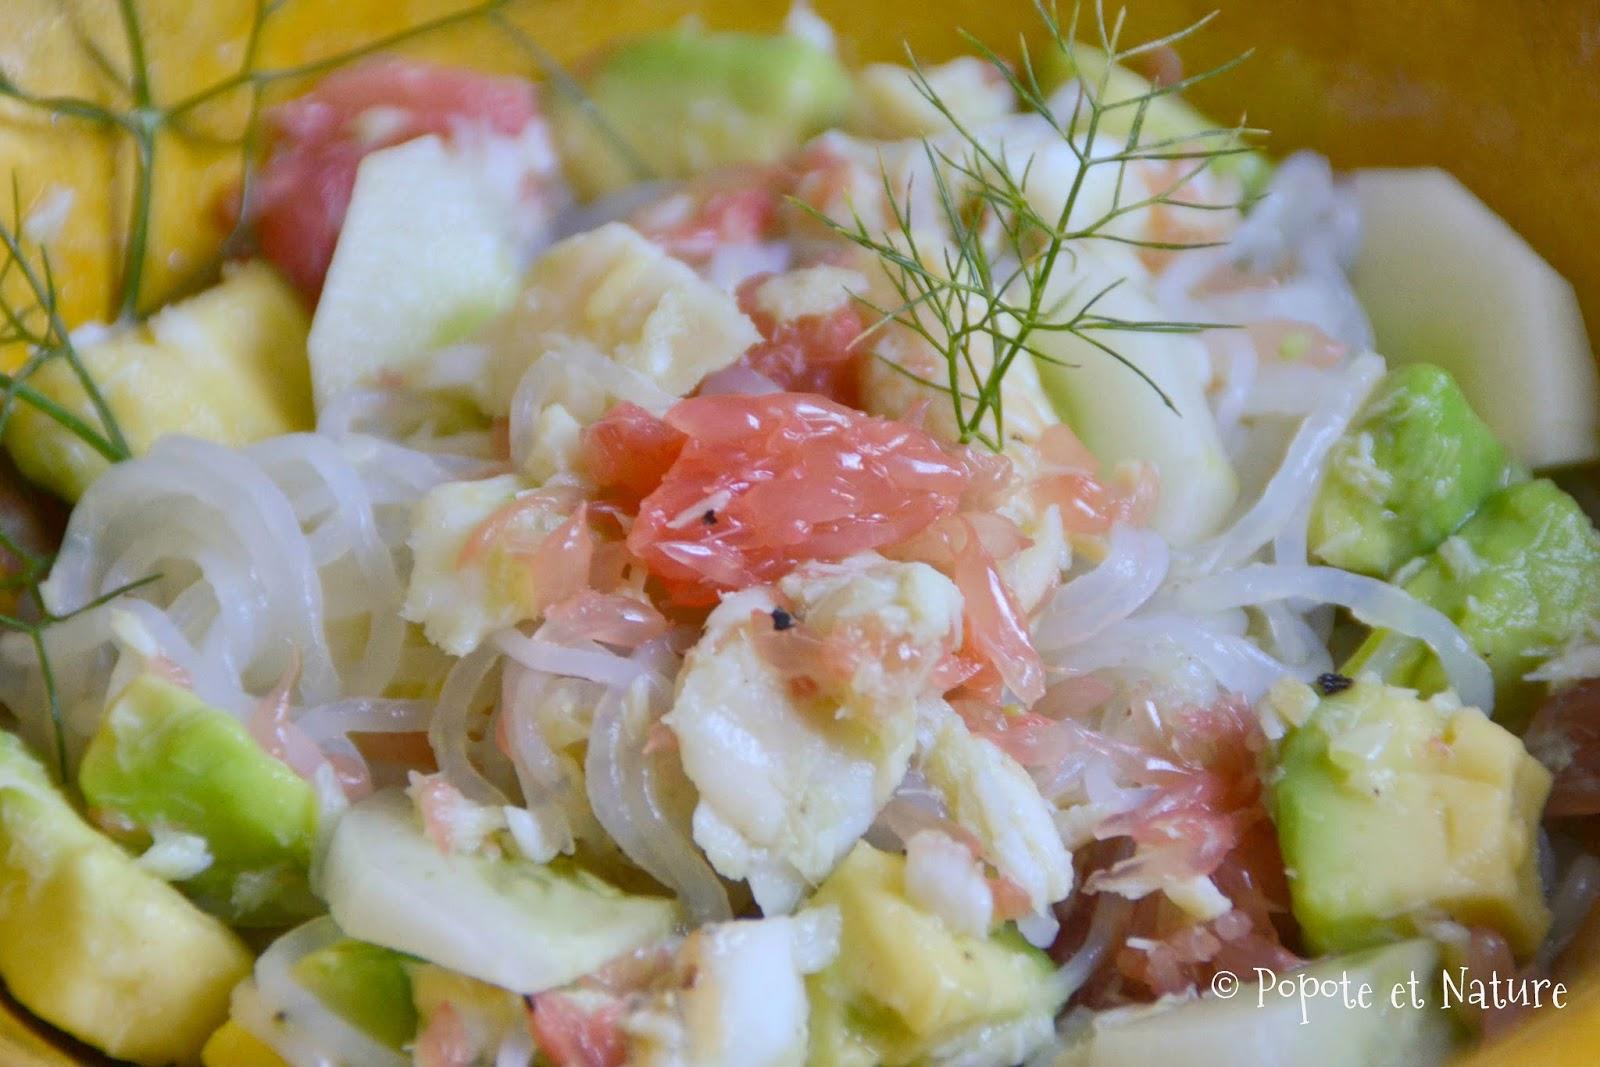 Popote et nature salade l g re au poisson fruits et for Salade poisson